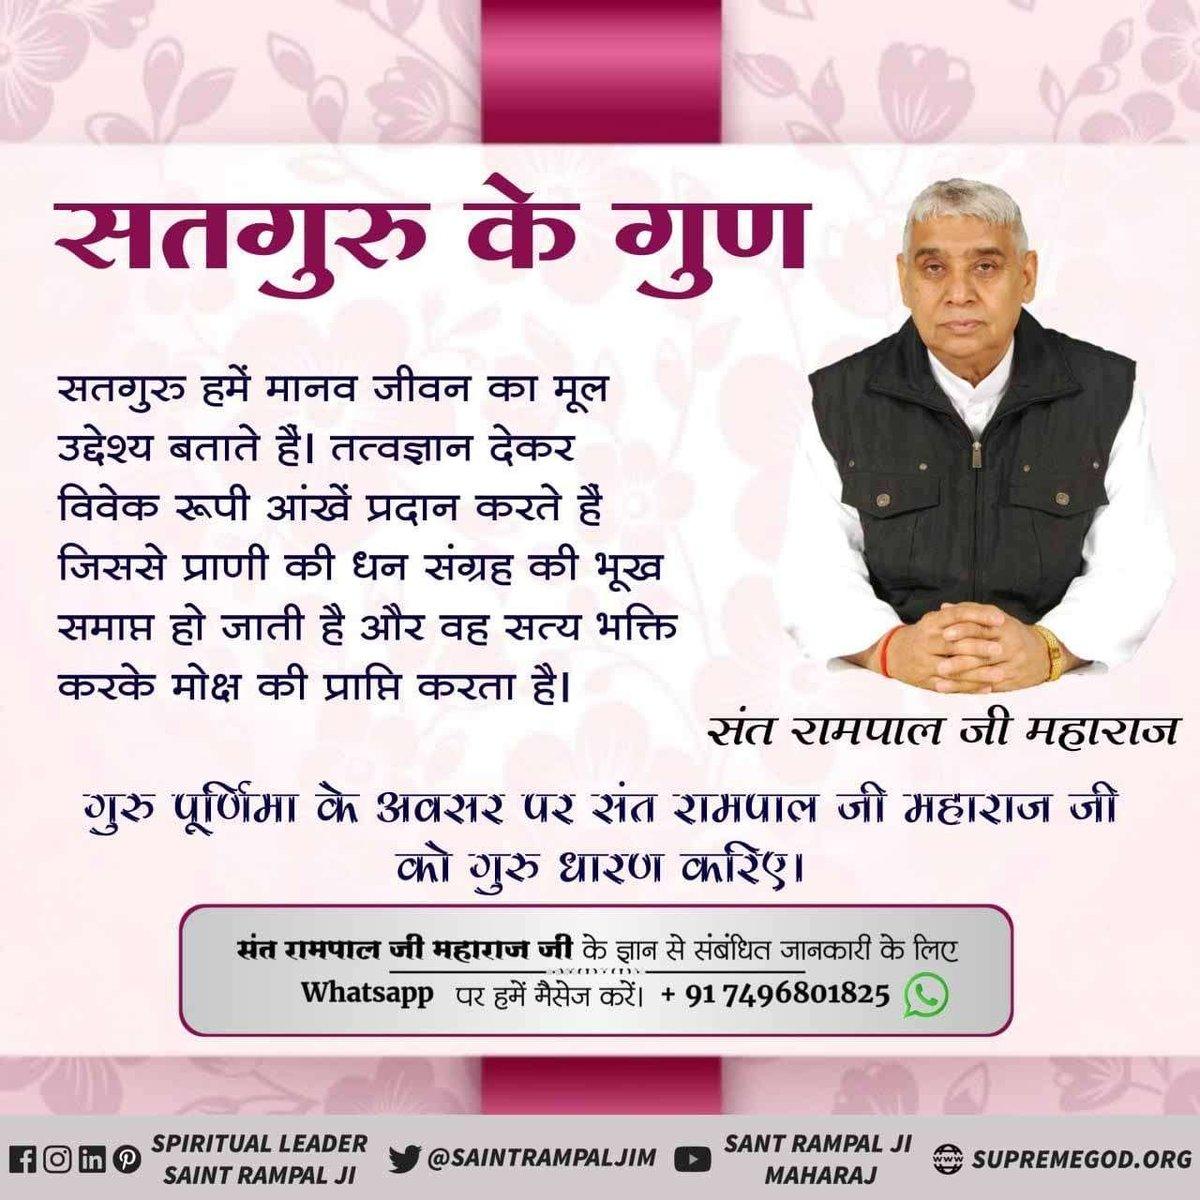 #TrueSatguru_SaintRampalJi की पहचान श्रीमद्भगवत गीता अध्याय 15 श्लोक 1 - 4, 16, 17 में कहा गया है जो संत इस संसार रूपी उल्टे लटके हुए वृक्ष के सभी विभाग बता देगा वह पूर्ण गुरु/सच्चा सद्गुरु है। यह तत्वज्ञान केवल पूर्ण संत रामपाल जी महाराज ही बता रहे हैं। https://t.co/ABnJK6RKF6